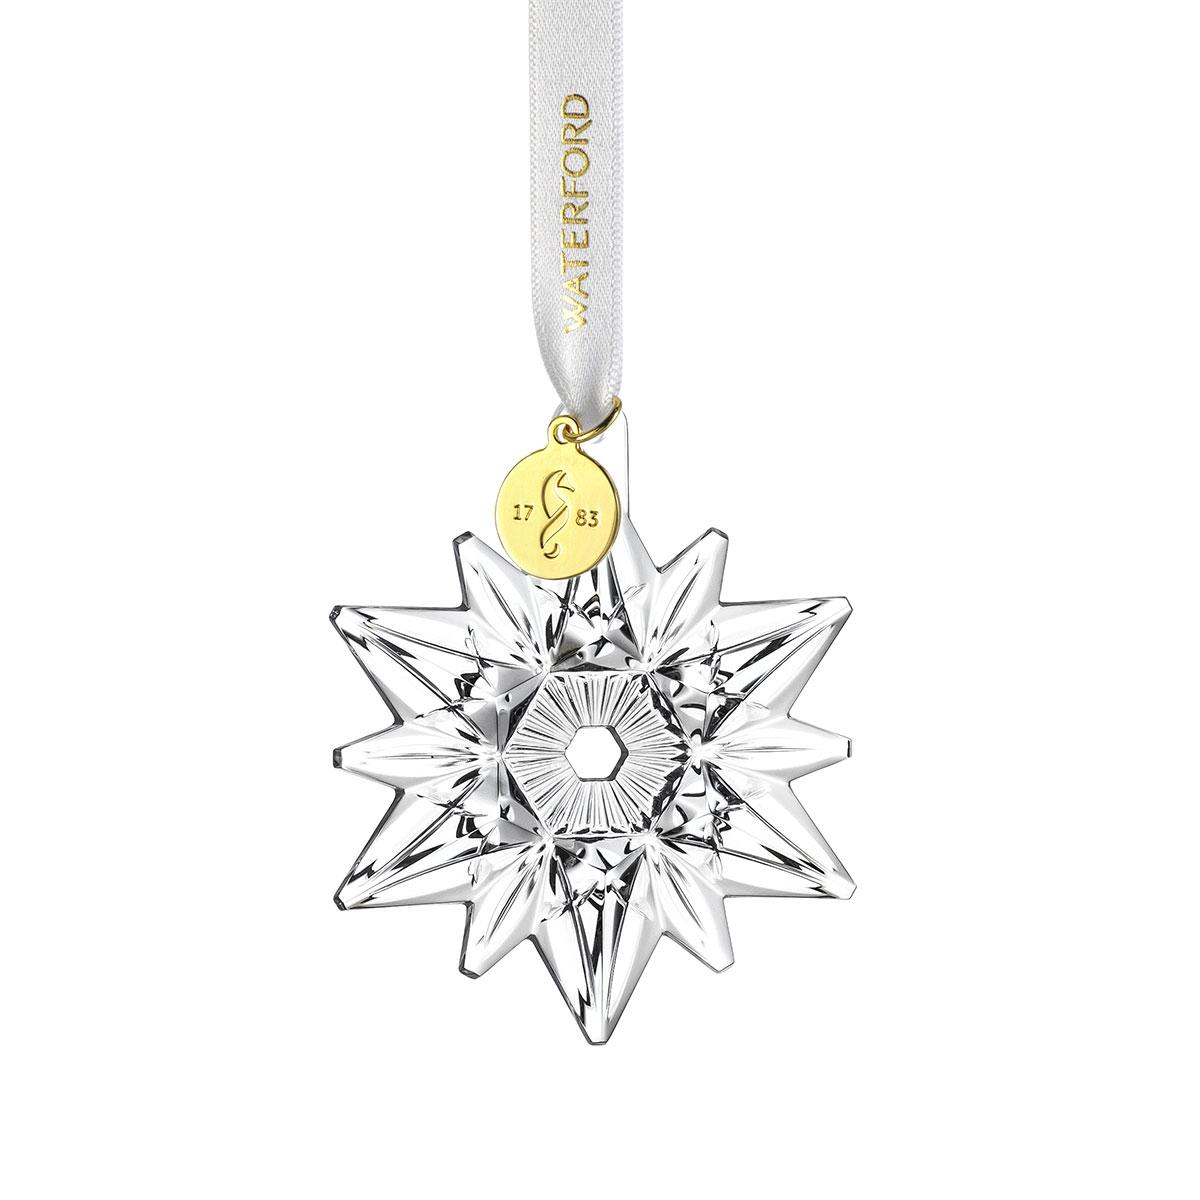 Waterford Crystal 2021 Mini Star Ornament